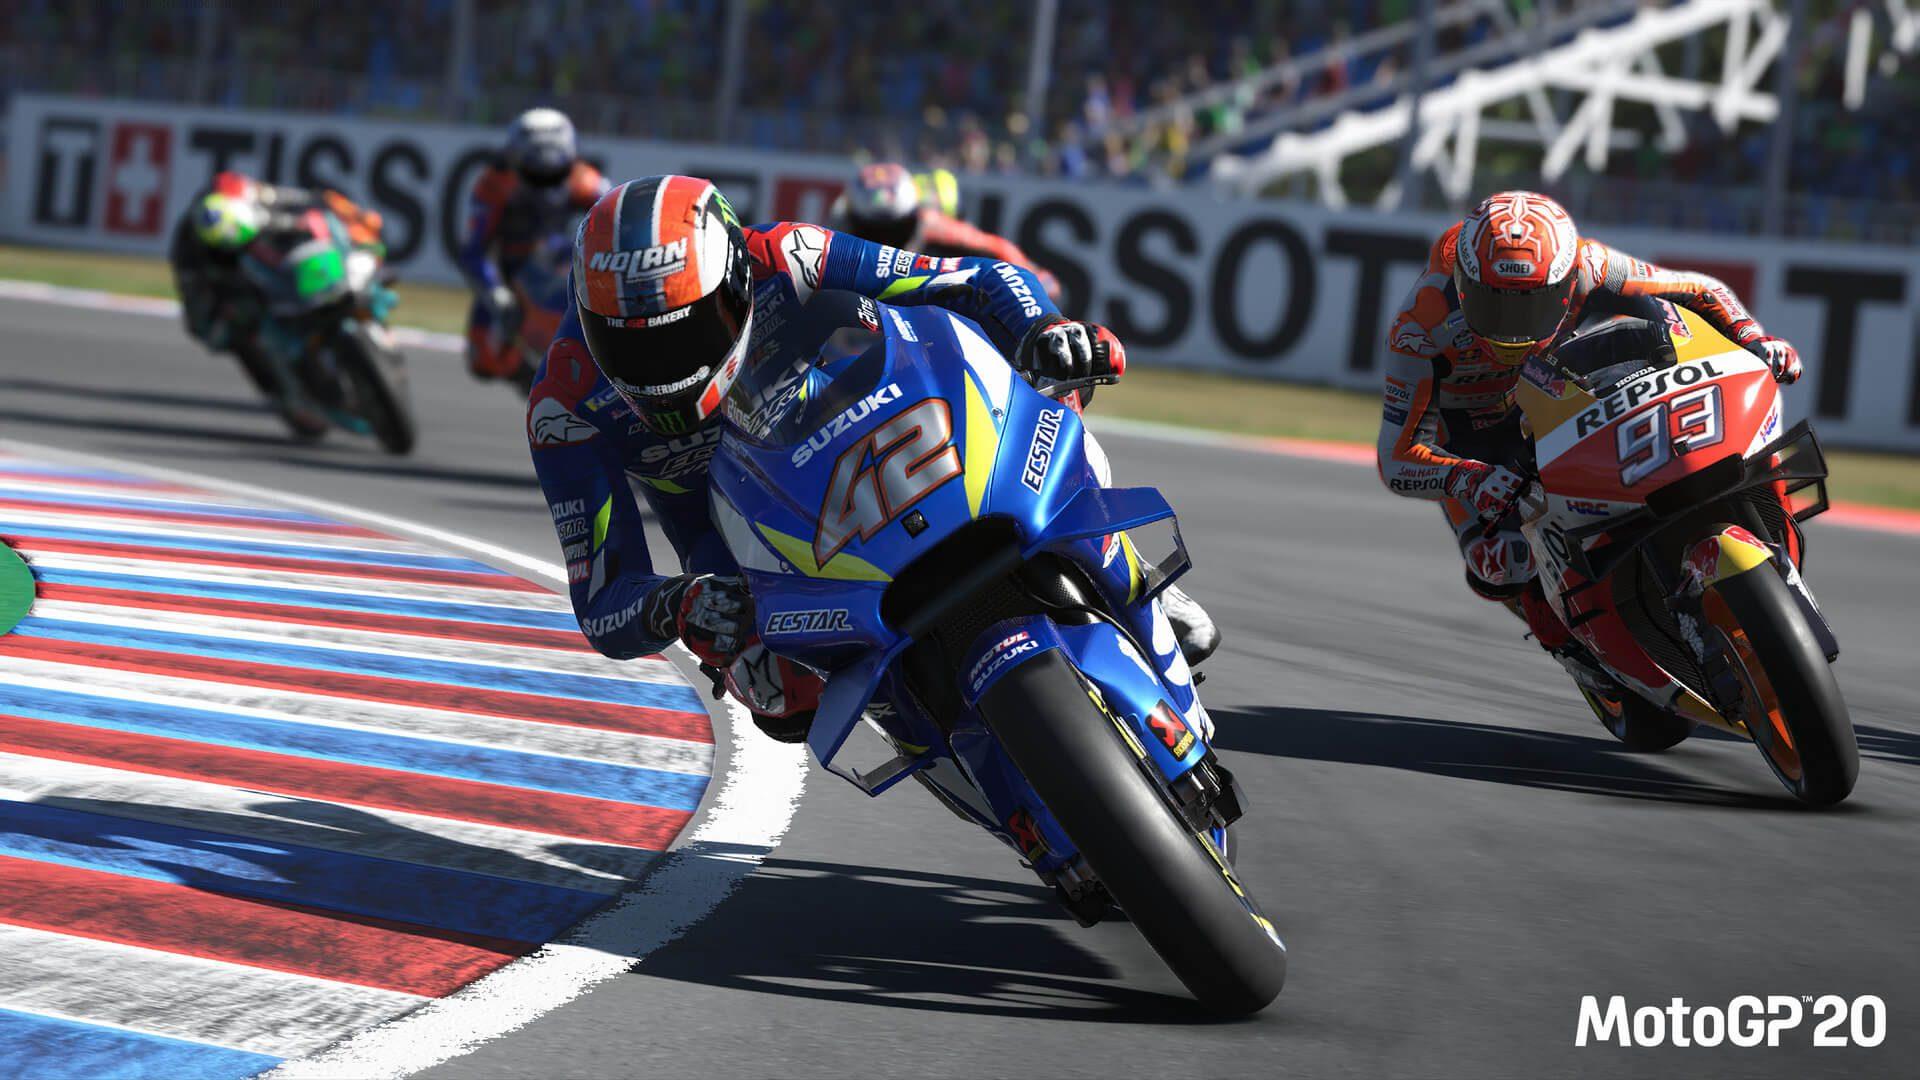 O MotoGP 20 está chegando ao PC em 23 de abril